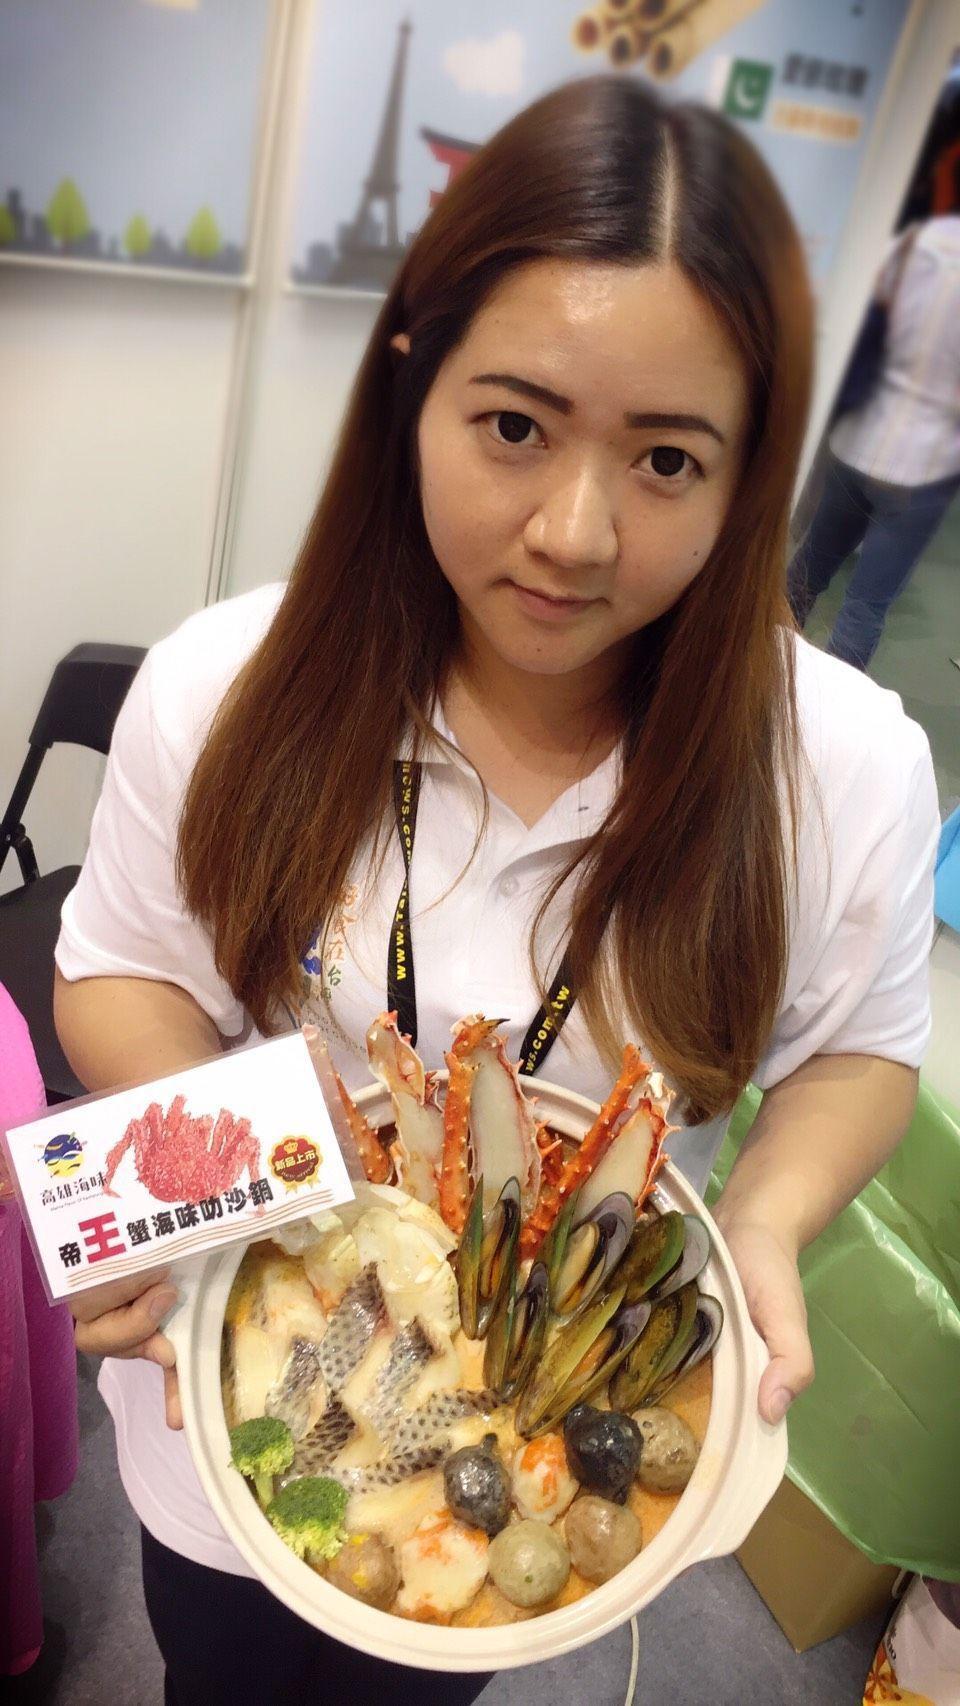 高雄地區水產食品新研發的「無敵帝王蟹海味叻沙鍋」,即起也在台北國際食品展展售。圖...